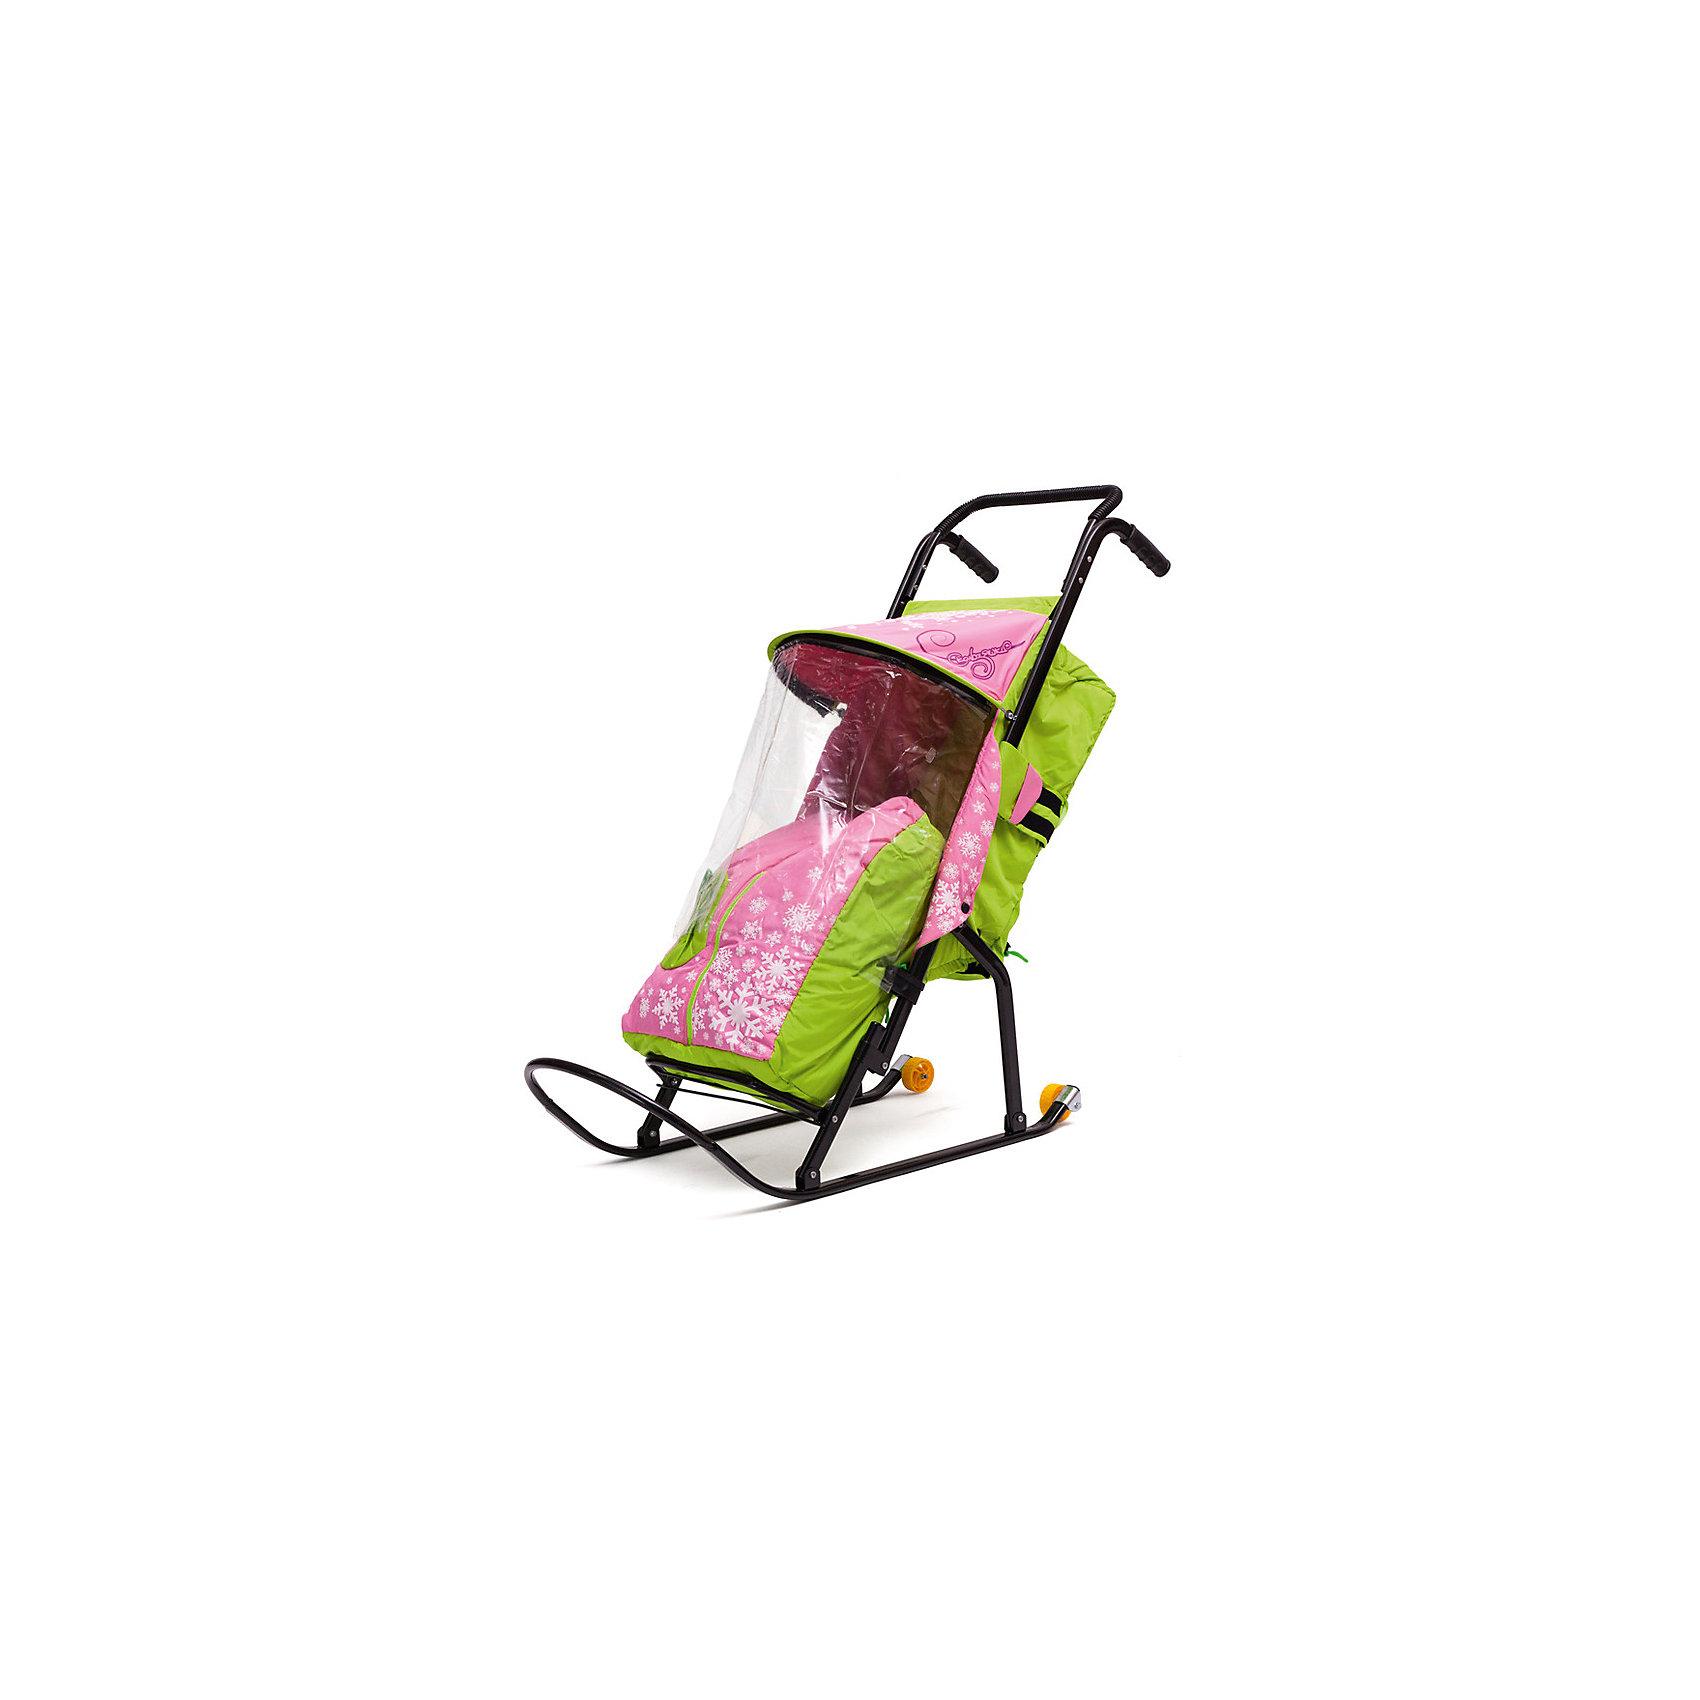 Санки-коляска Снегурочка 2P-1, с колесами, ABC Academy, зеленый/розовый